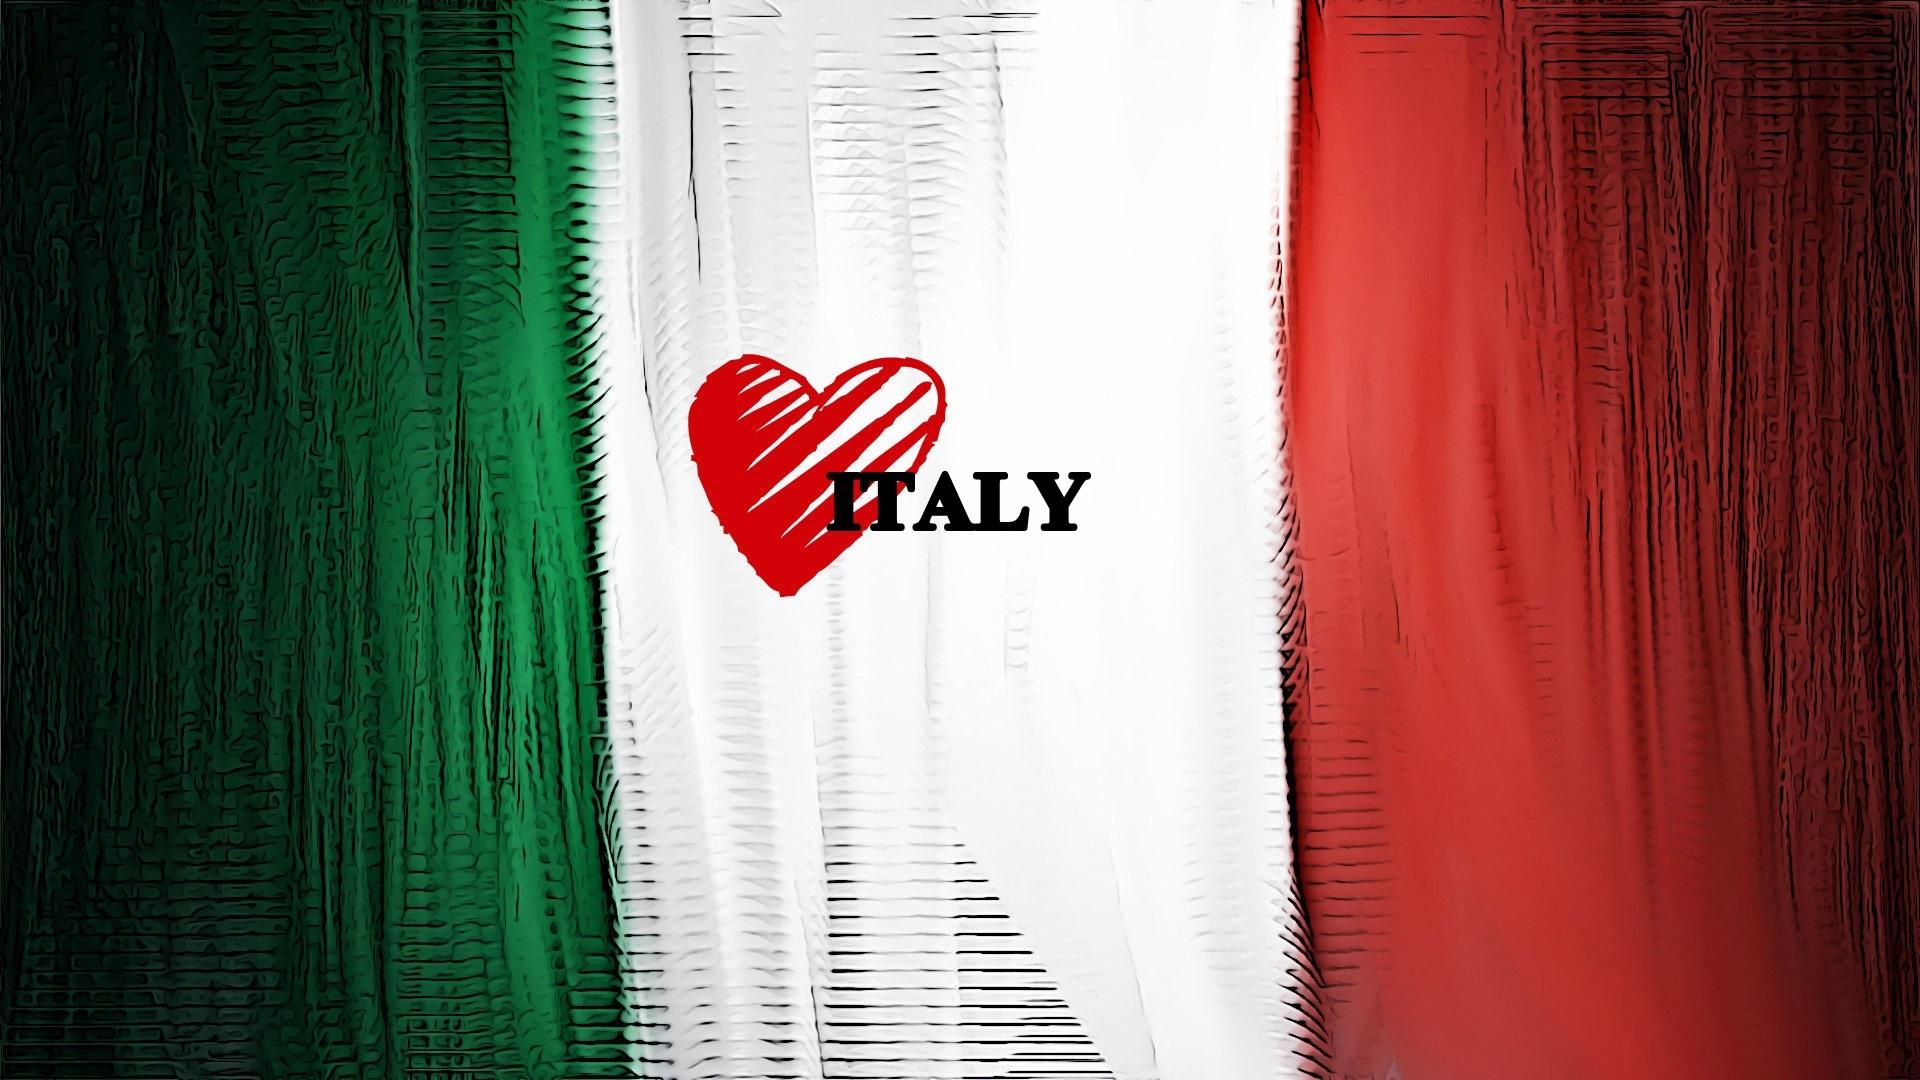 Смешные картинки про италию с надписями